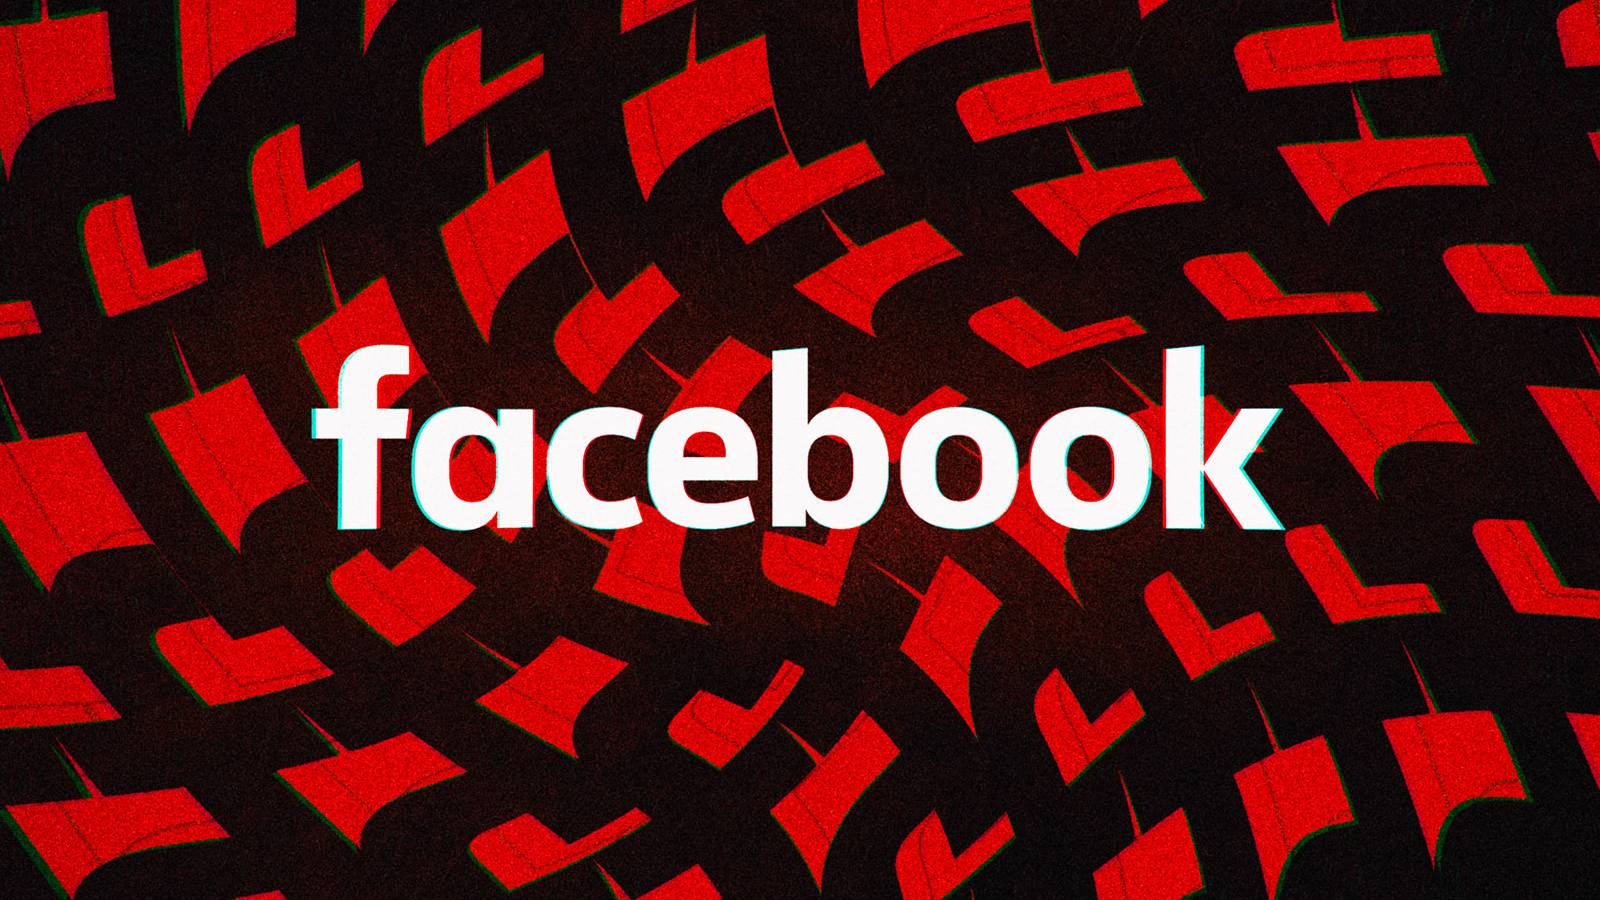 ceo facebook date compromise hackeri